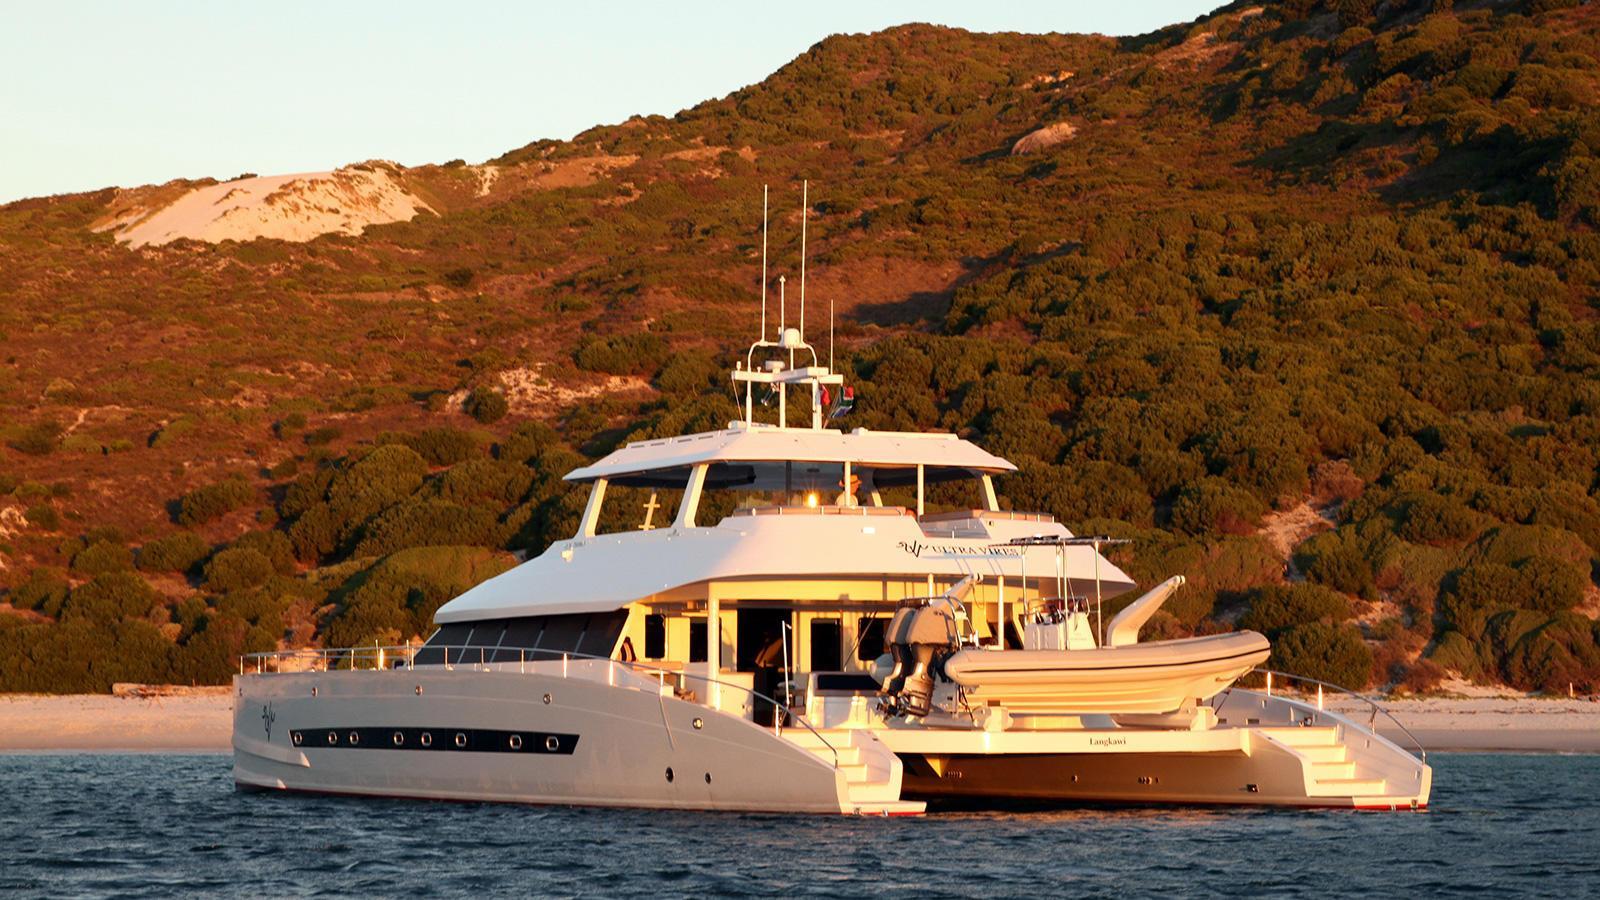 ultra vires catamaran motoryacht two oceans marine 2016 25m half stern